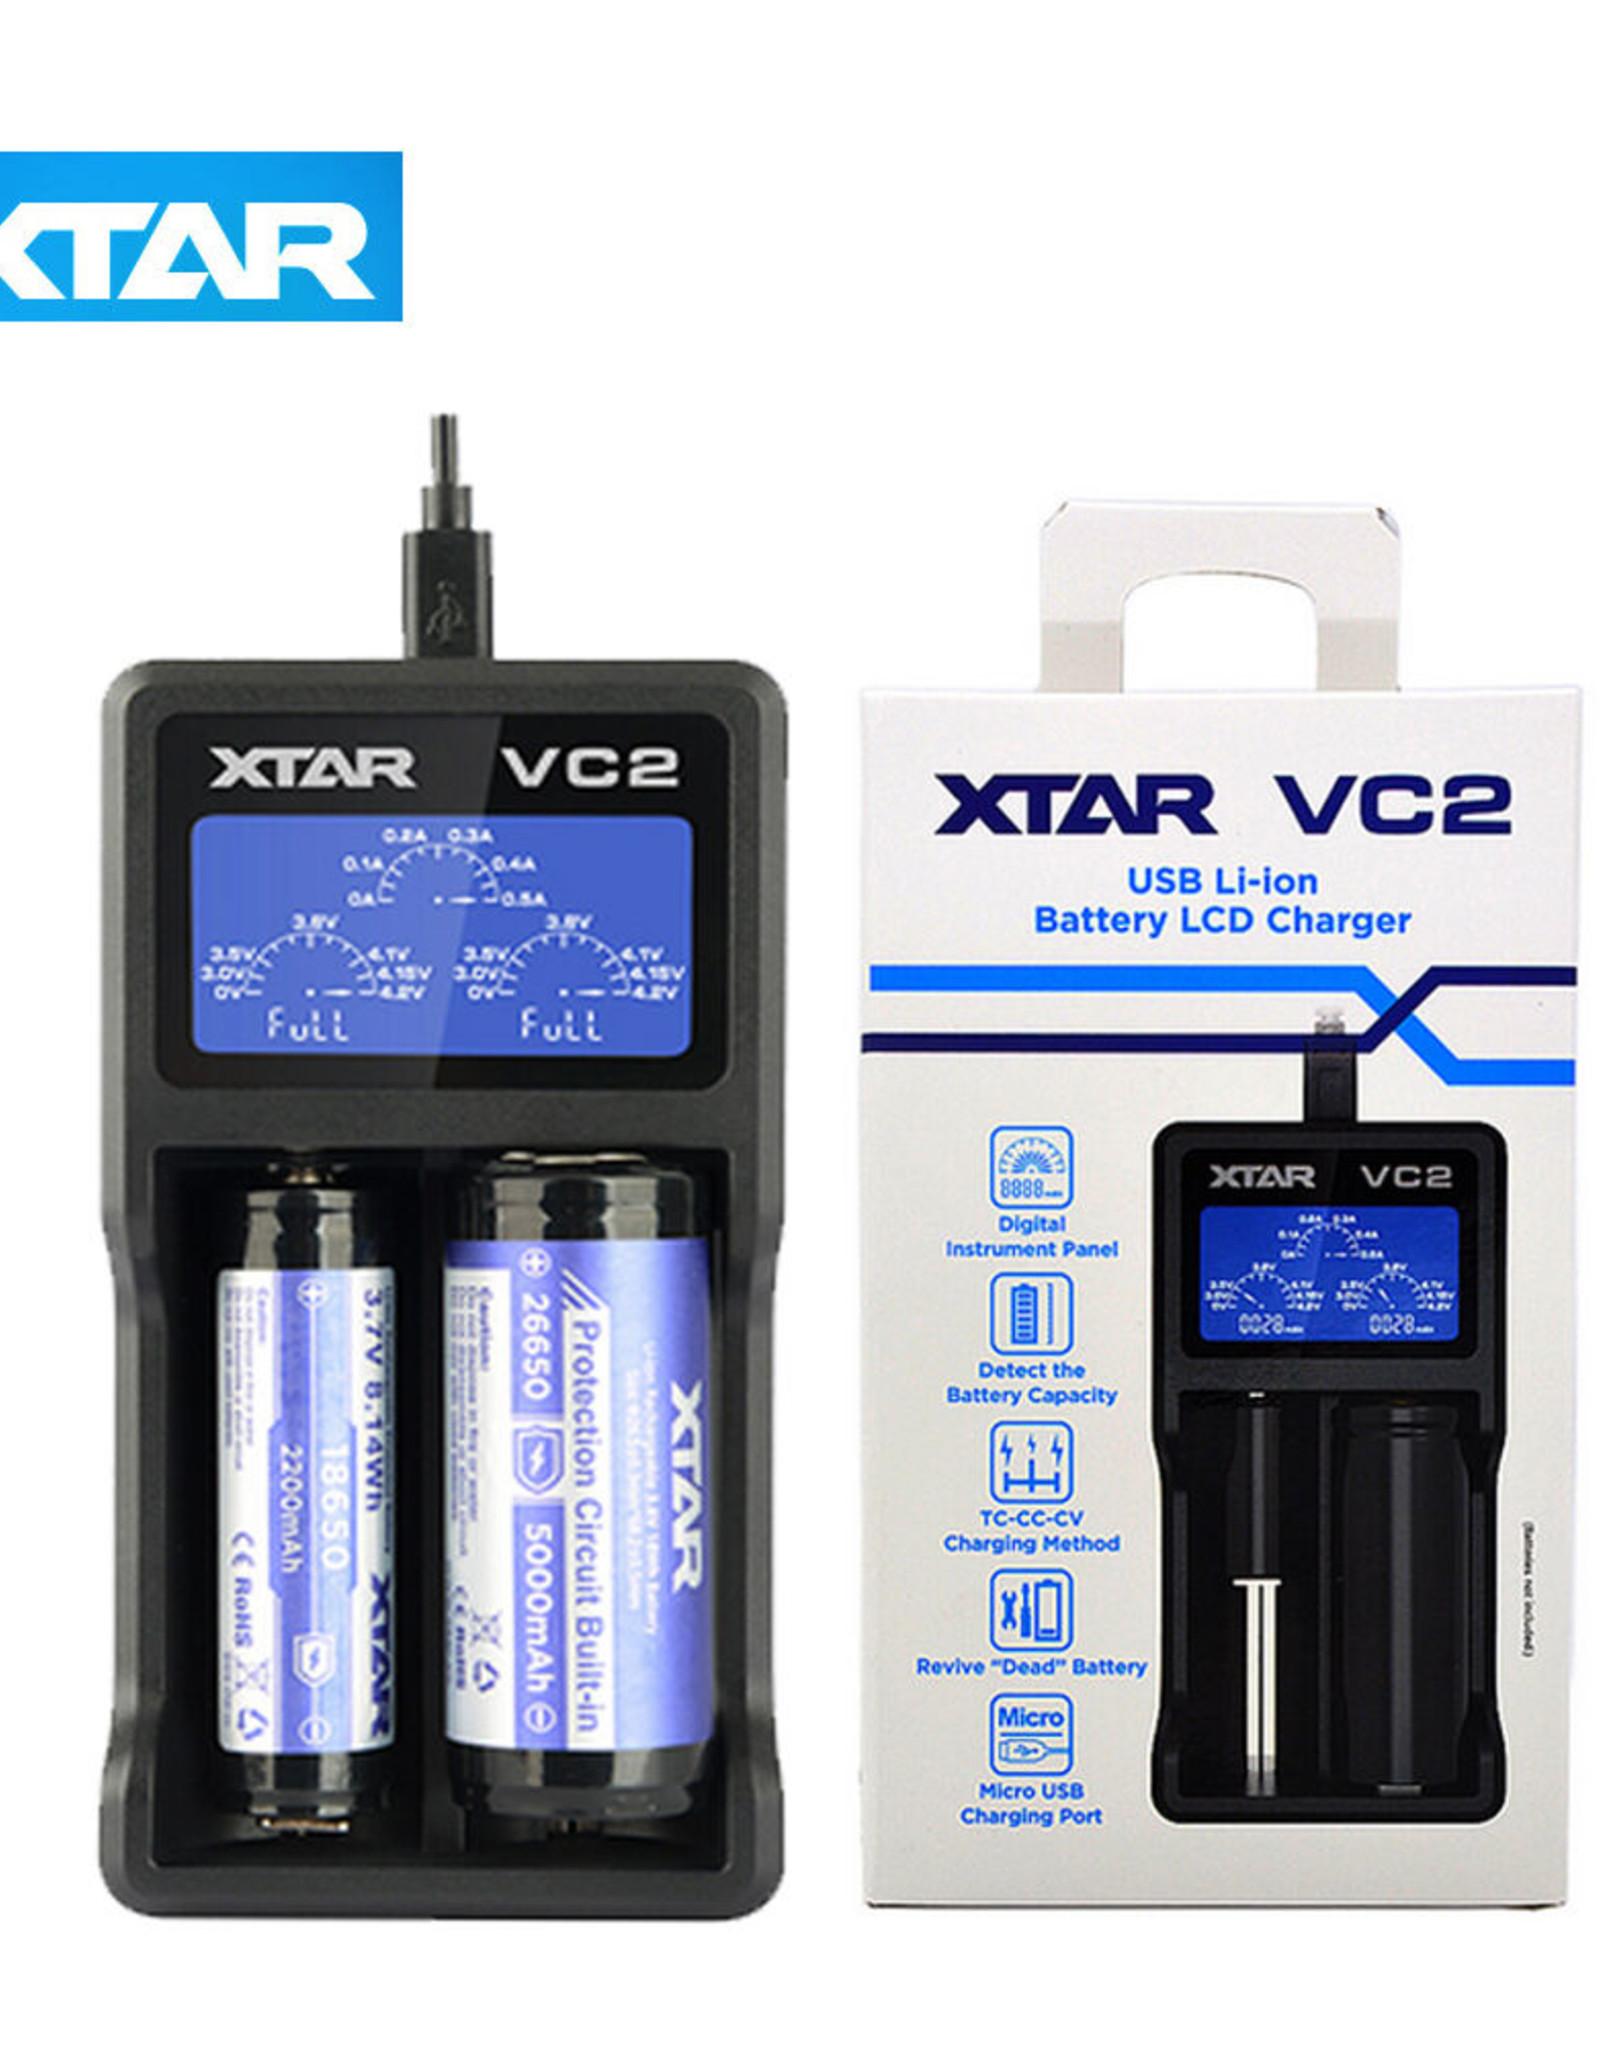 XTAR XTAR VC2 USB CHARGER